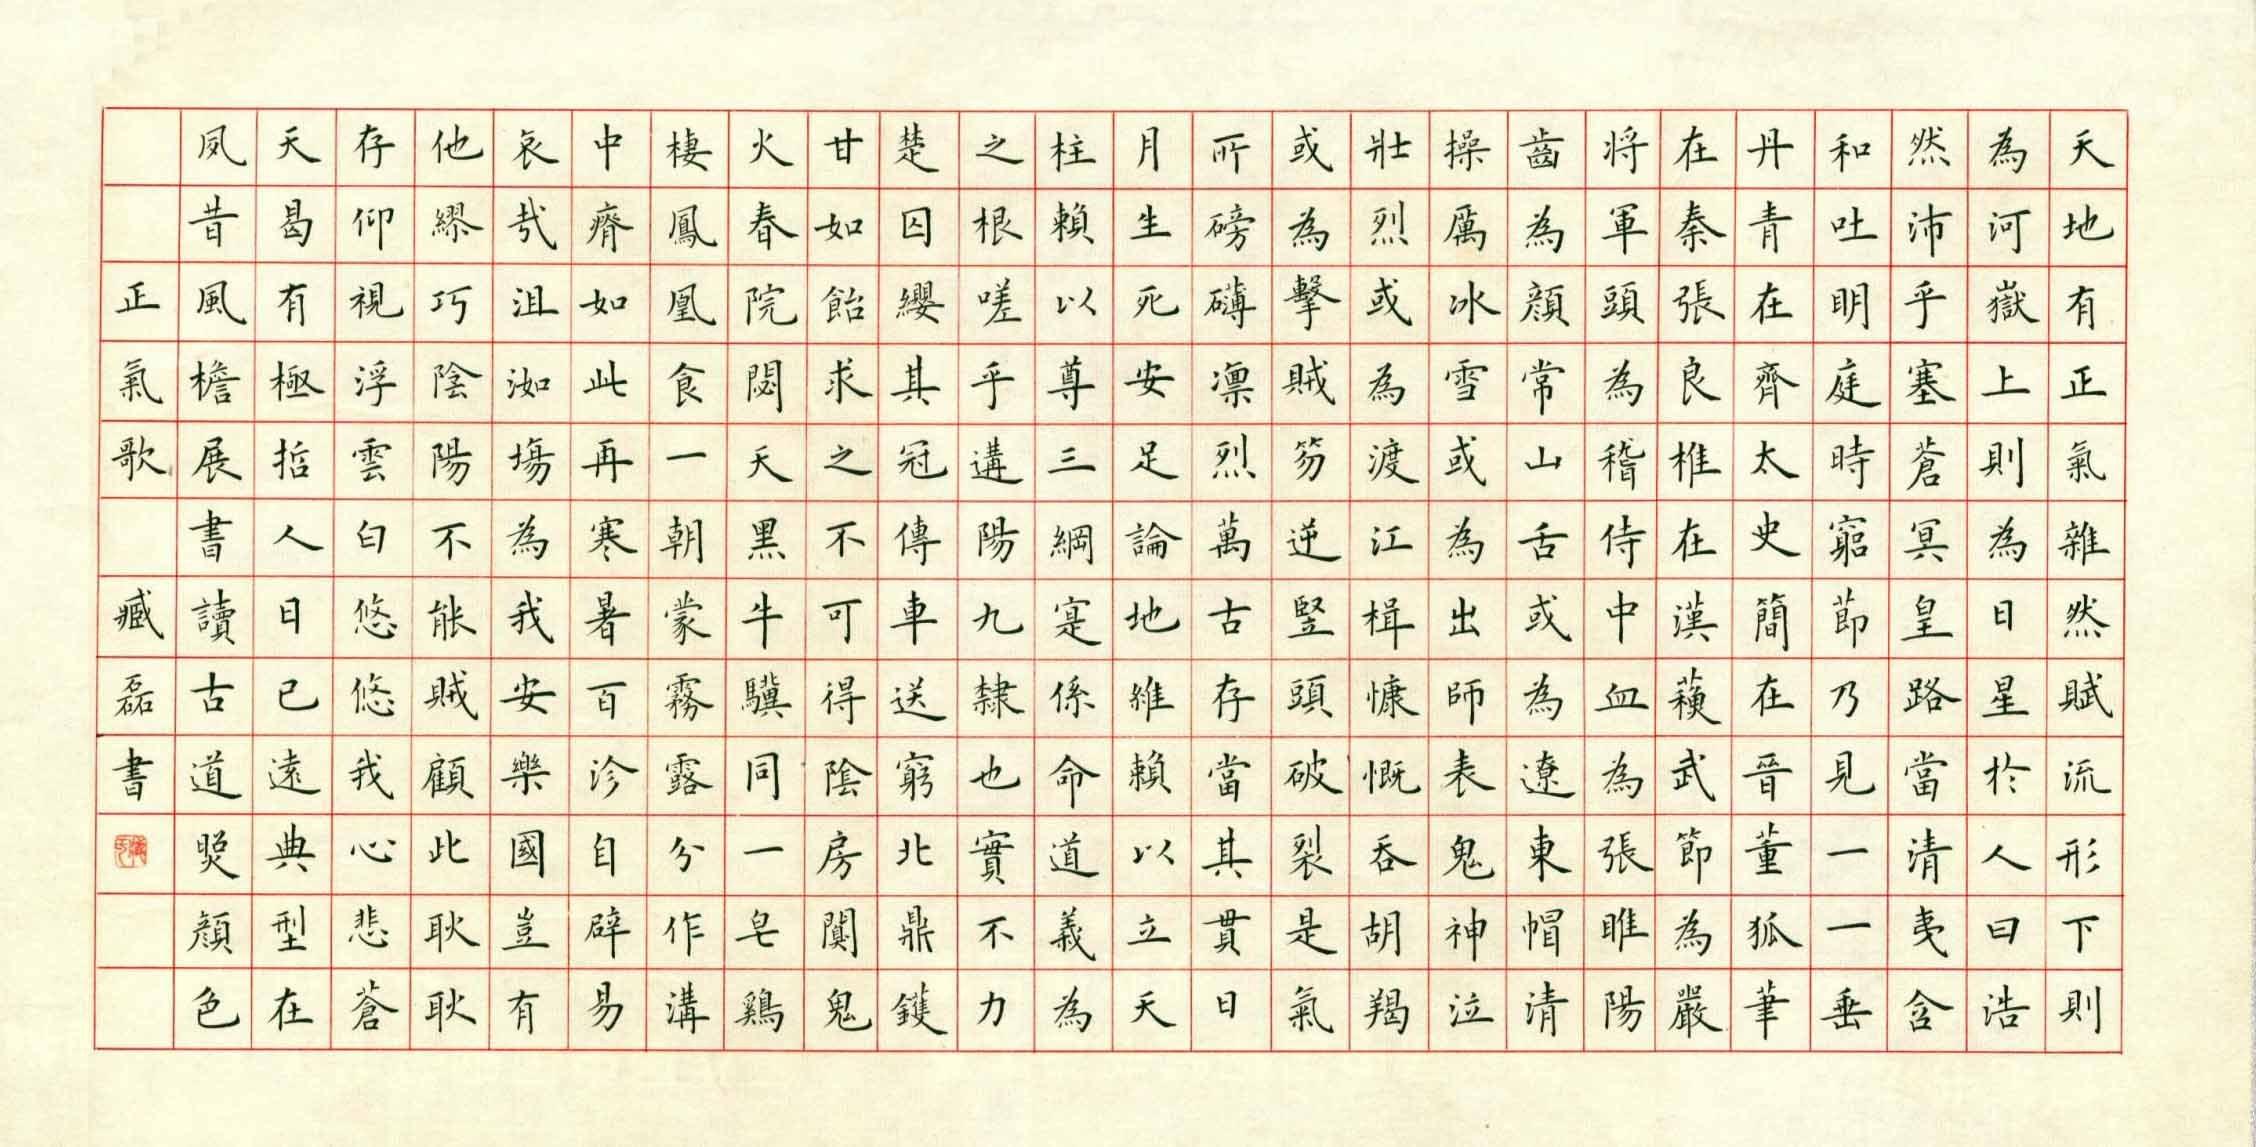 臧磊硬笔书法作品欣赏(4)图片